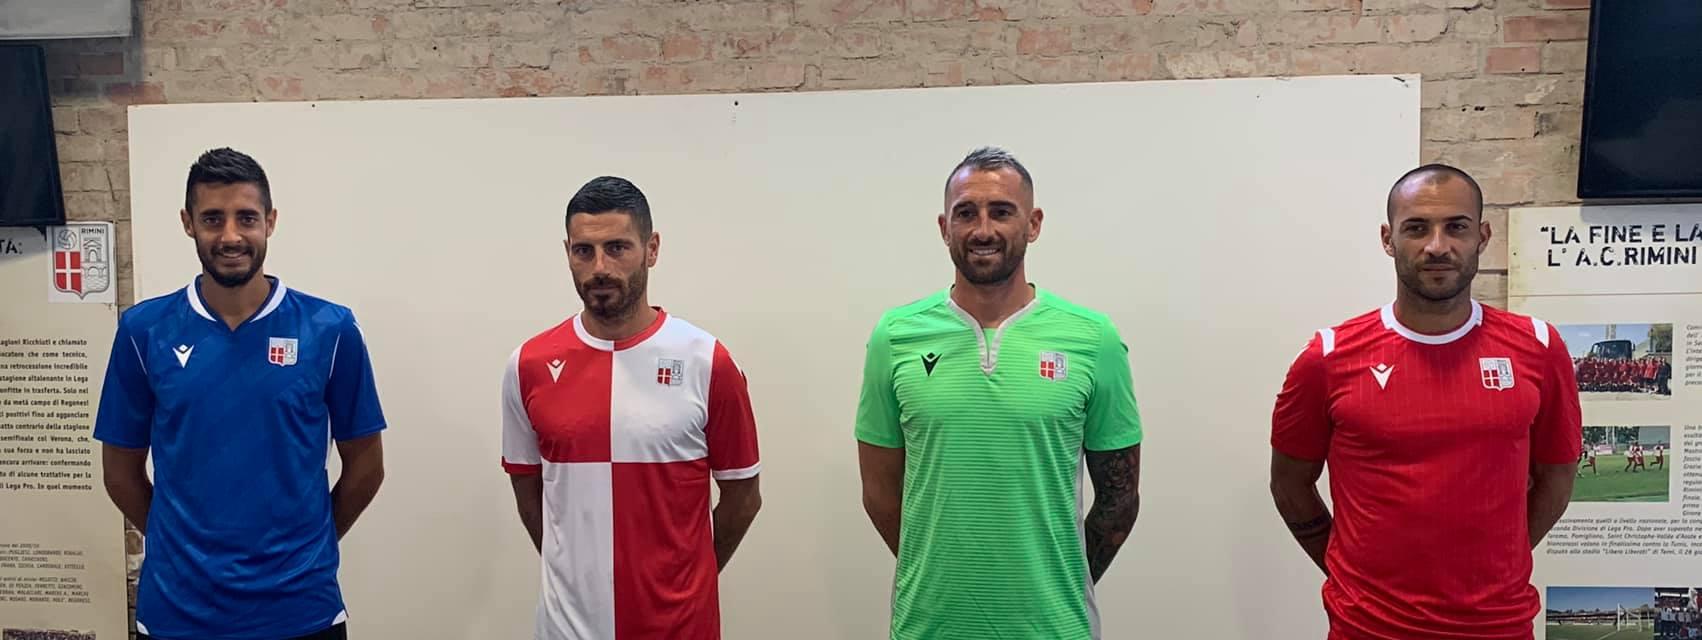 Ecco le nuove divise del Rimini per la stagione 2020-21